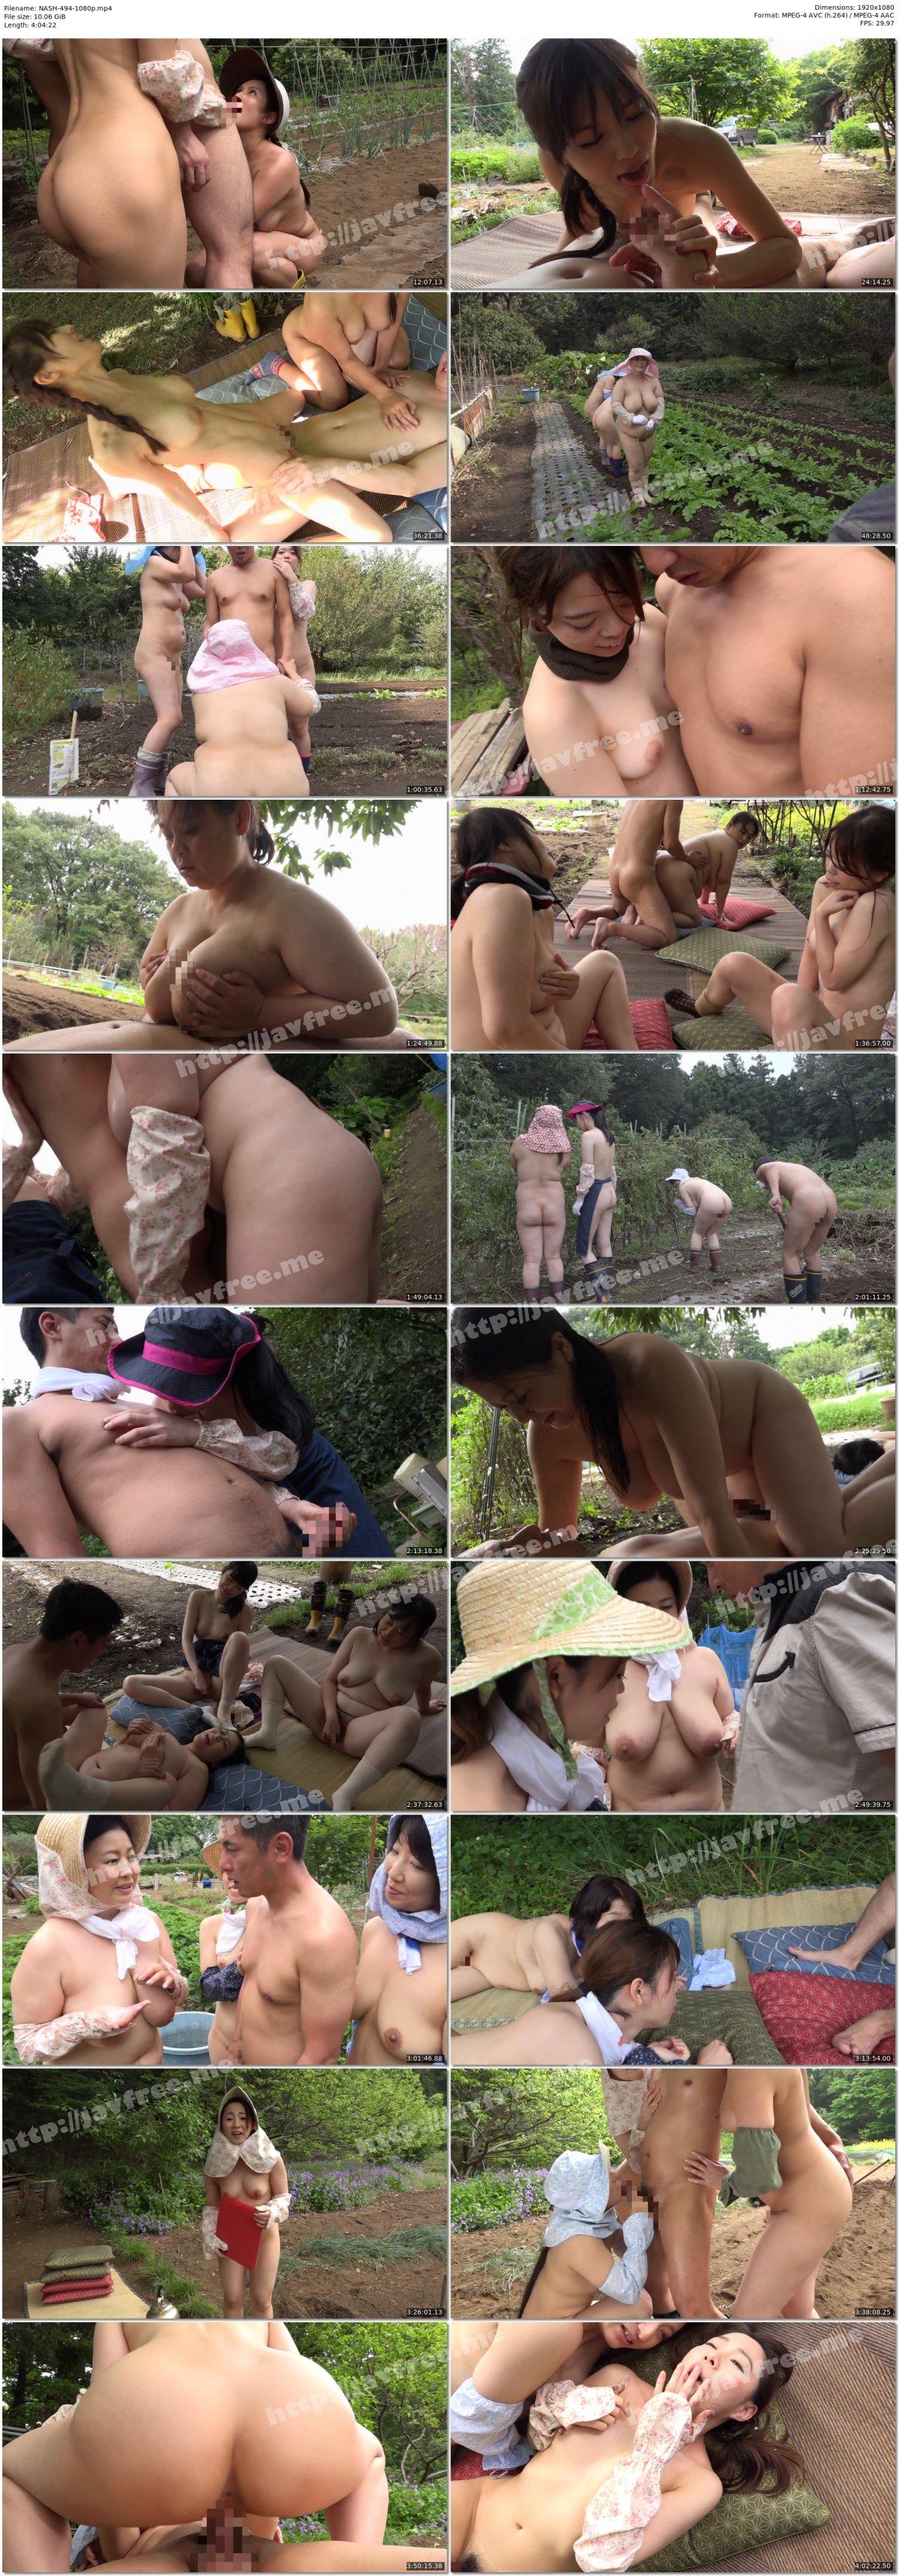 [HD][NASH-494] 山奥でおばさん達が全裸で農作業をしている農園があると聞き訪ねてみると、そこは3P4P当たり前の青姦セックス解放区だった! - image NASH-494-1080p on https://javfree.me